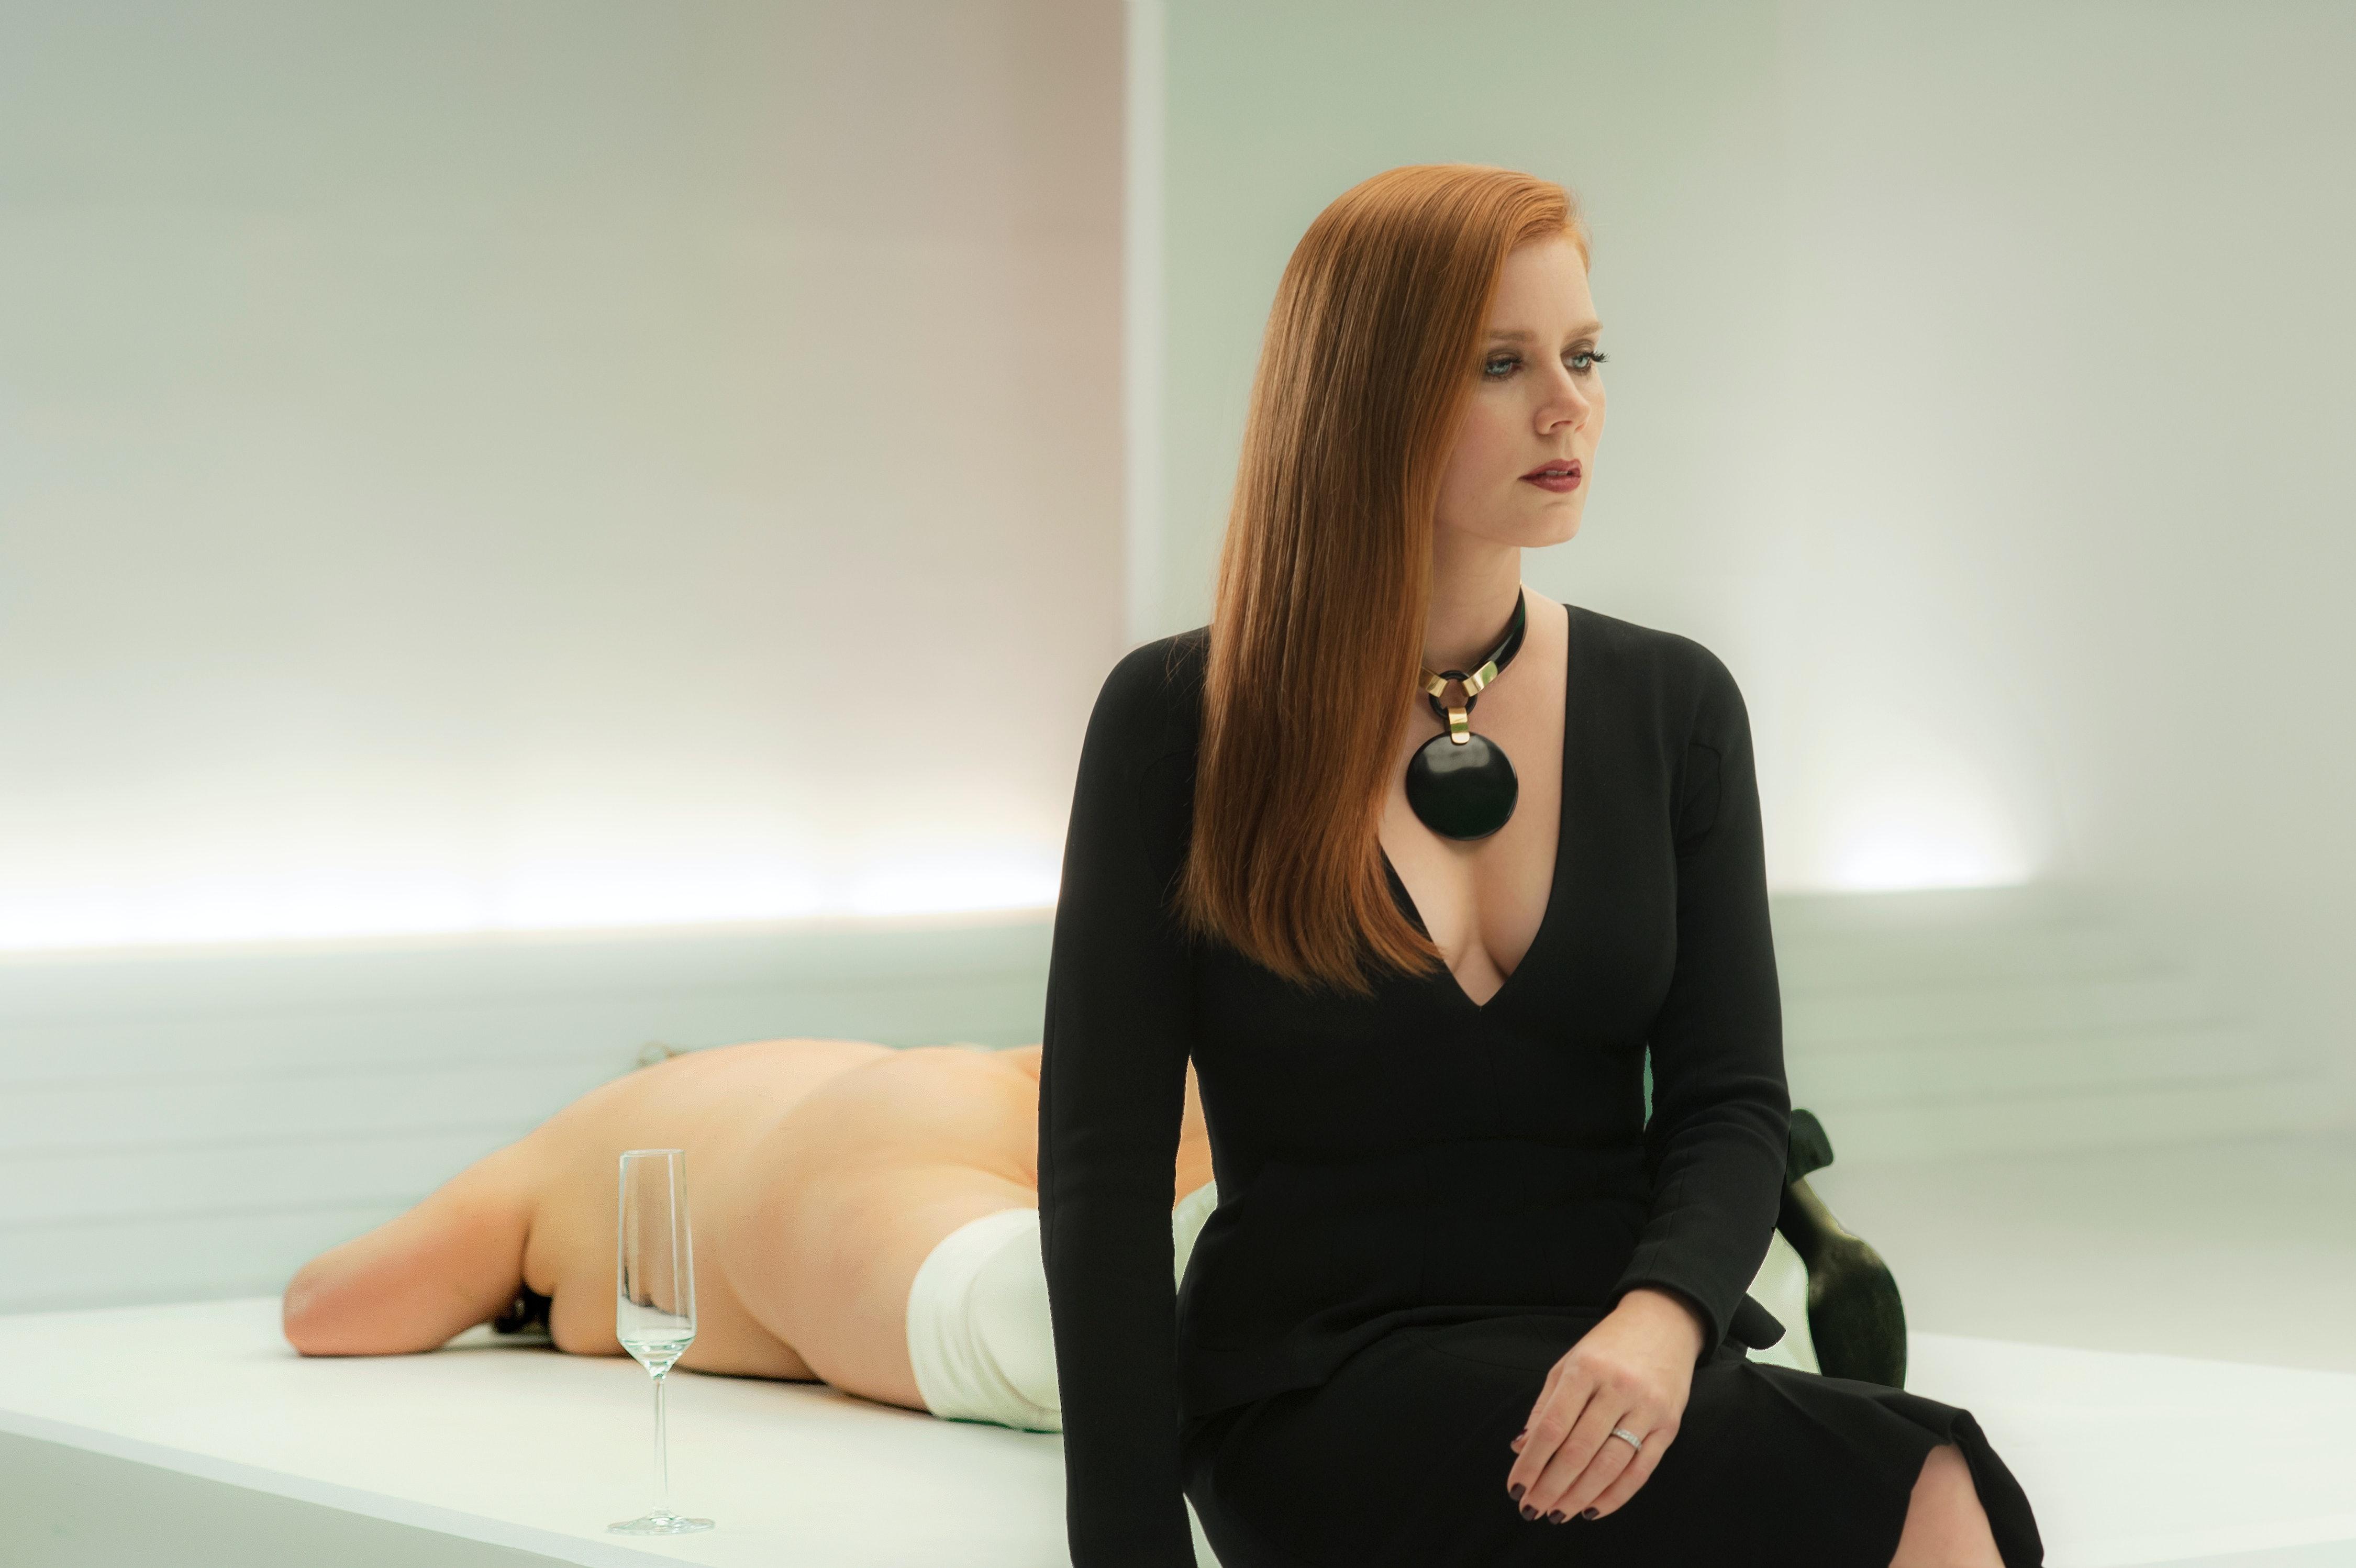 La olvidada de los Oscar 2017, Nocturnal Animals